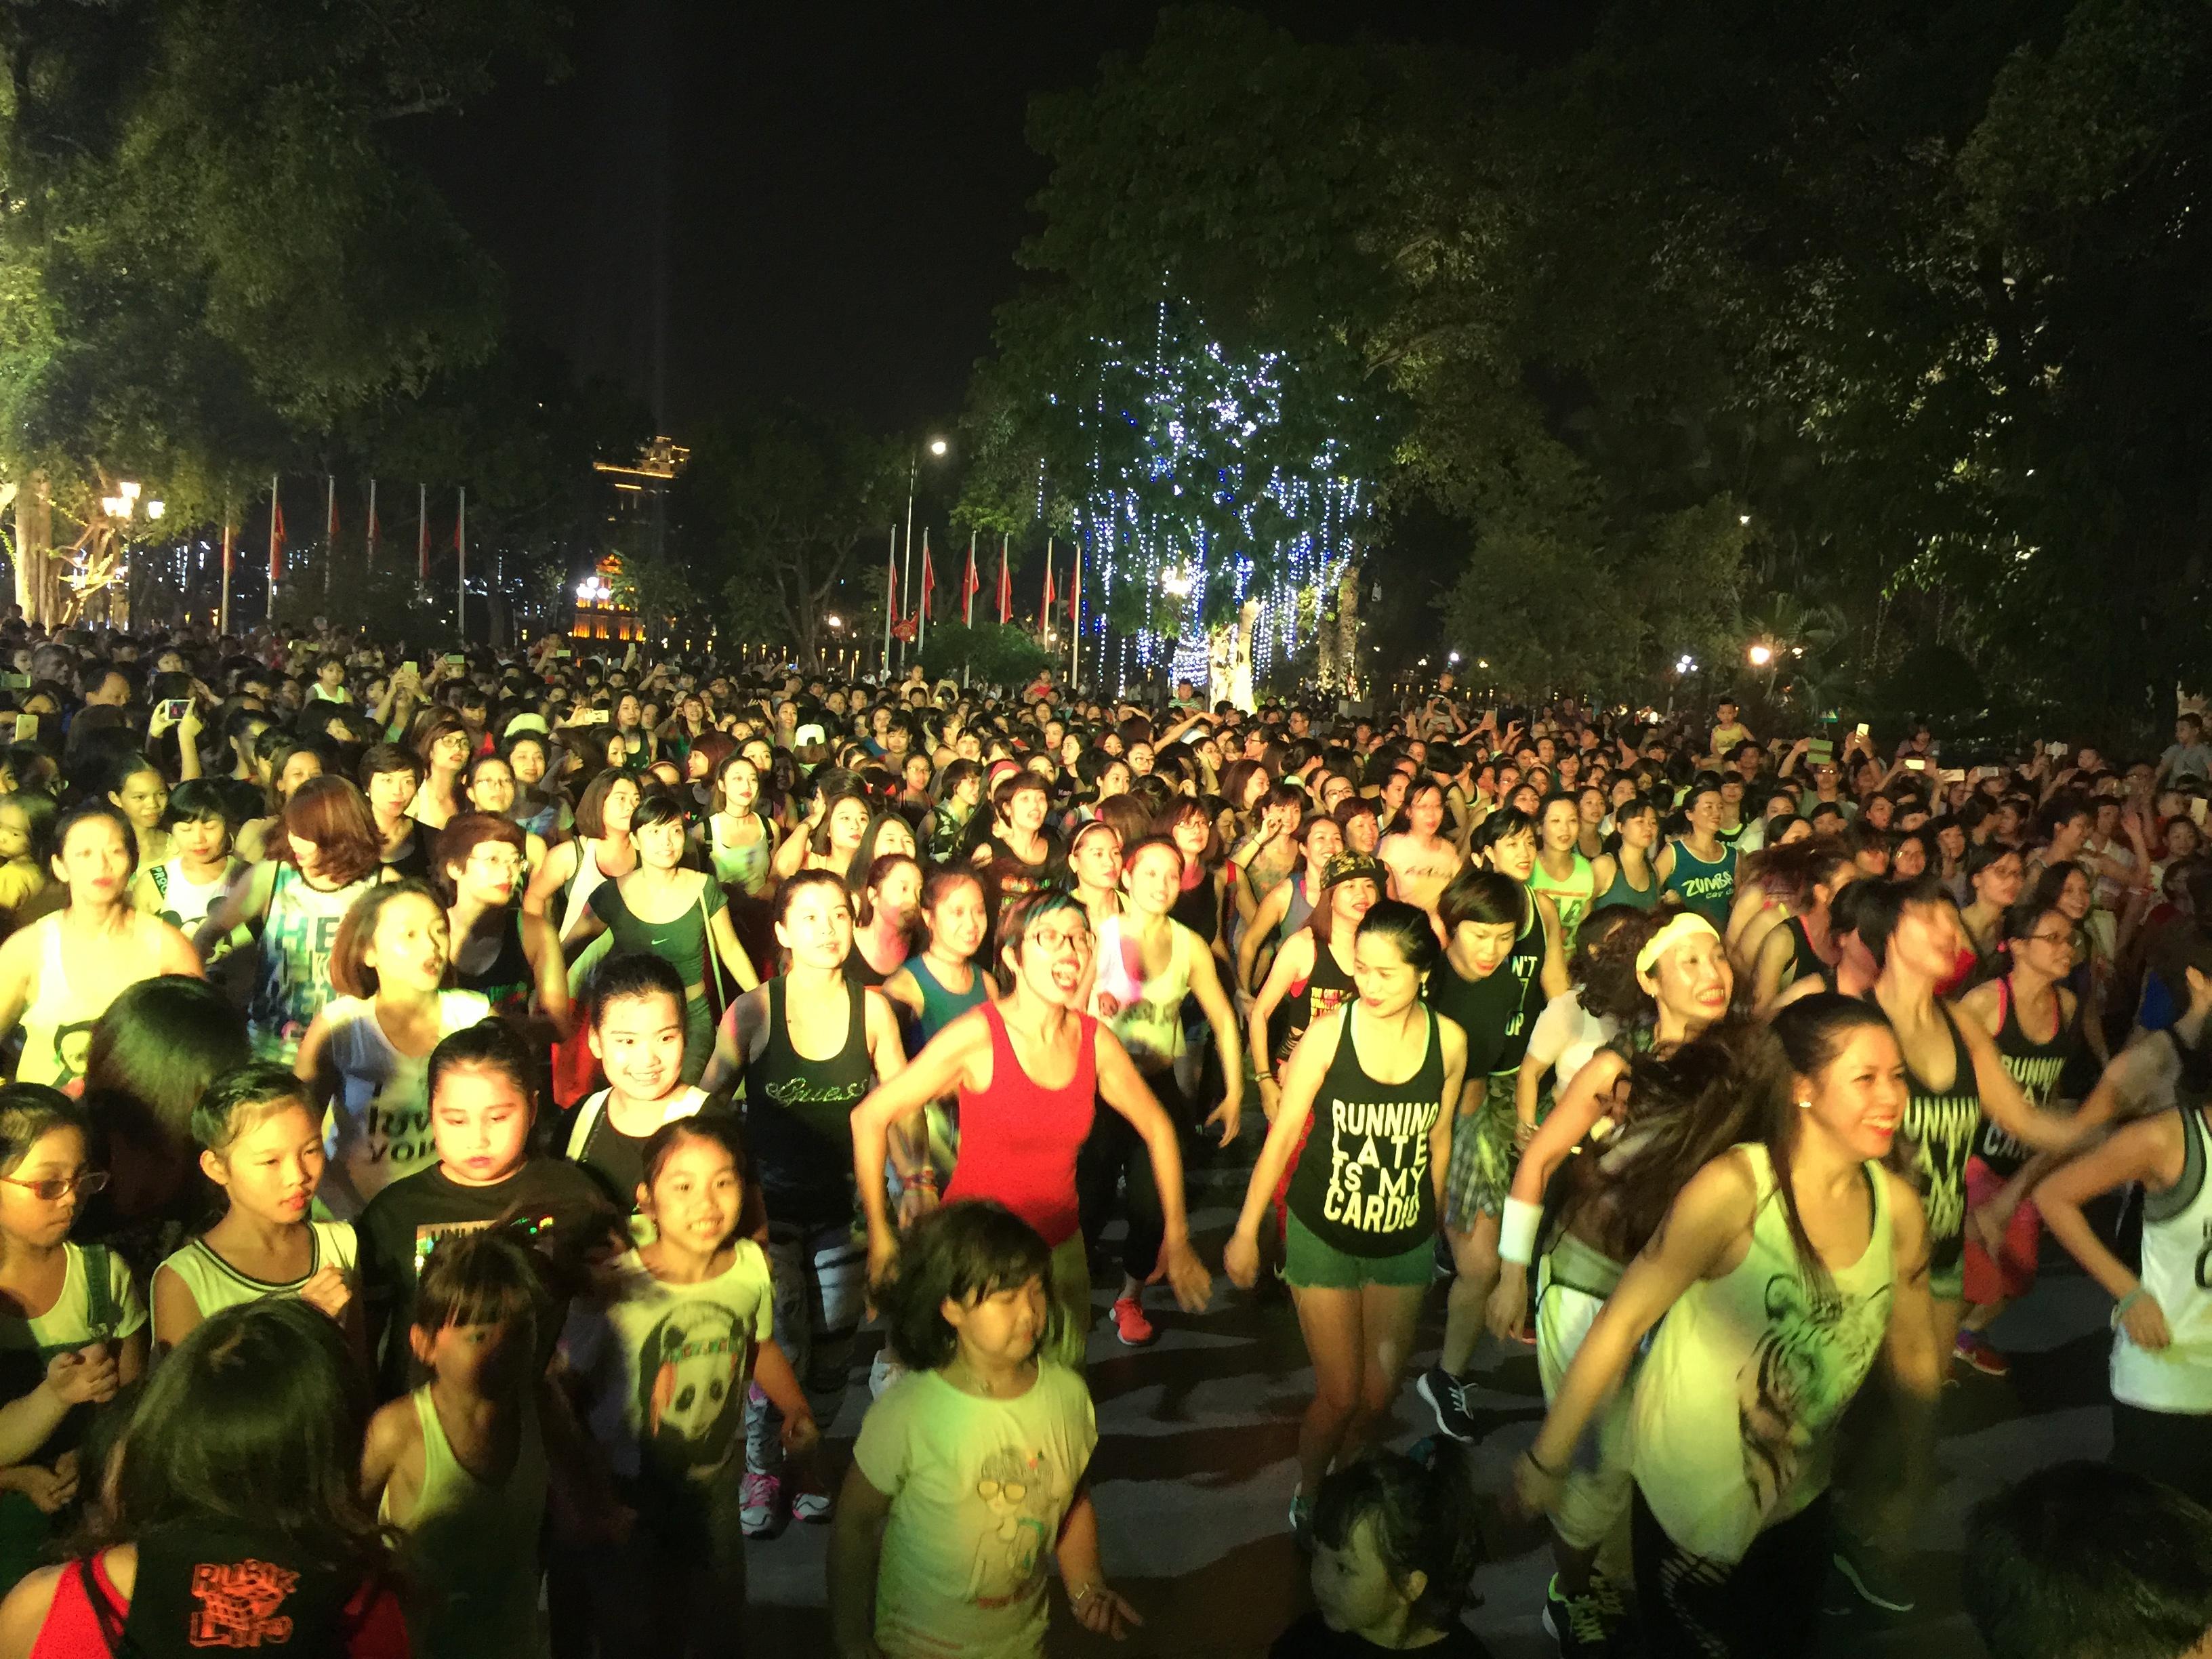 zumba non-stop party in hanoi hinh 2